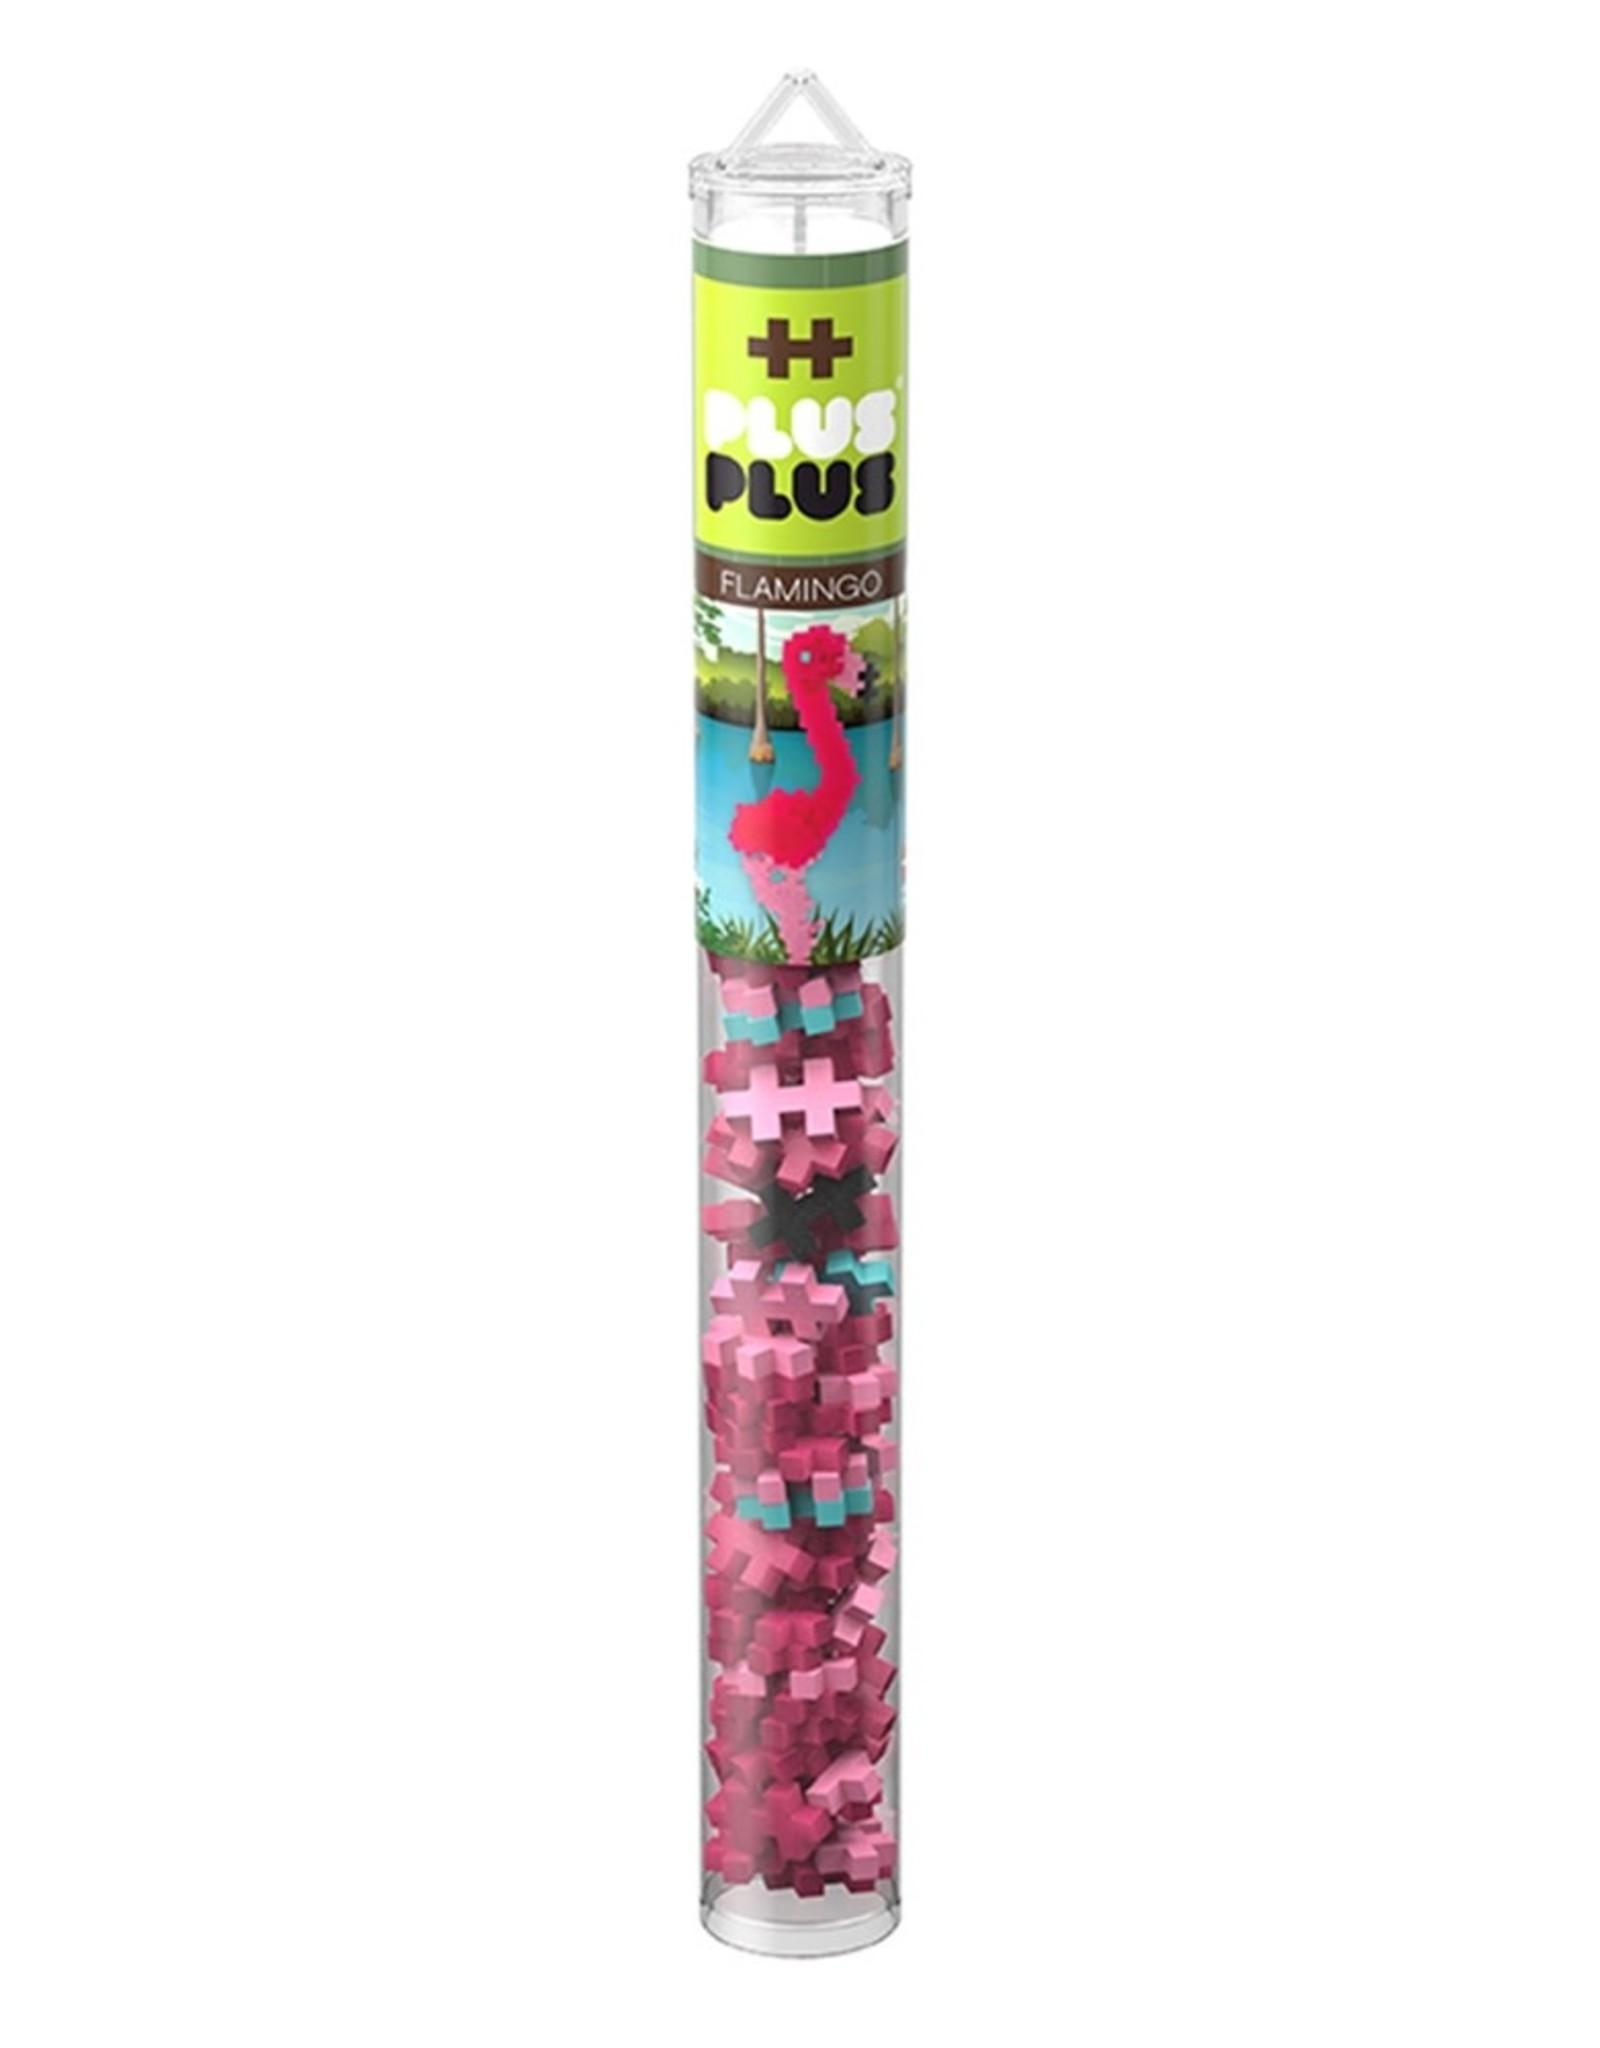 Plus-Plus Plus-Plus Flamingo Tube